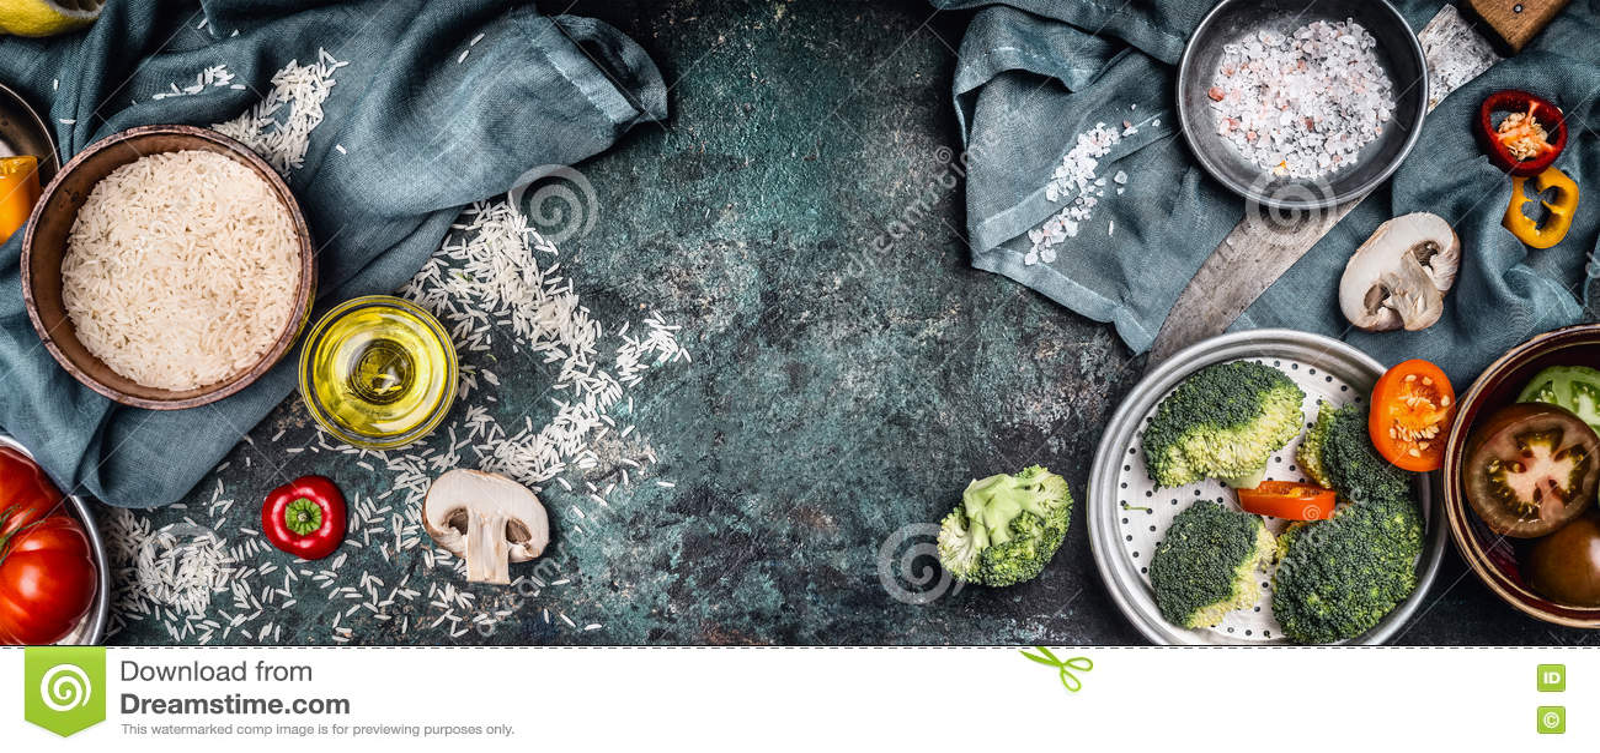 烹调成份,在土气背景,顶视图,横幅的准备的米和菜 食物健康素食主义者